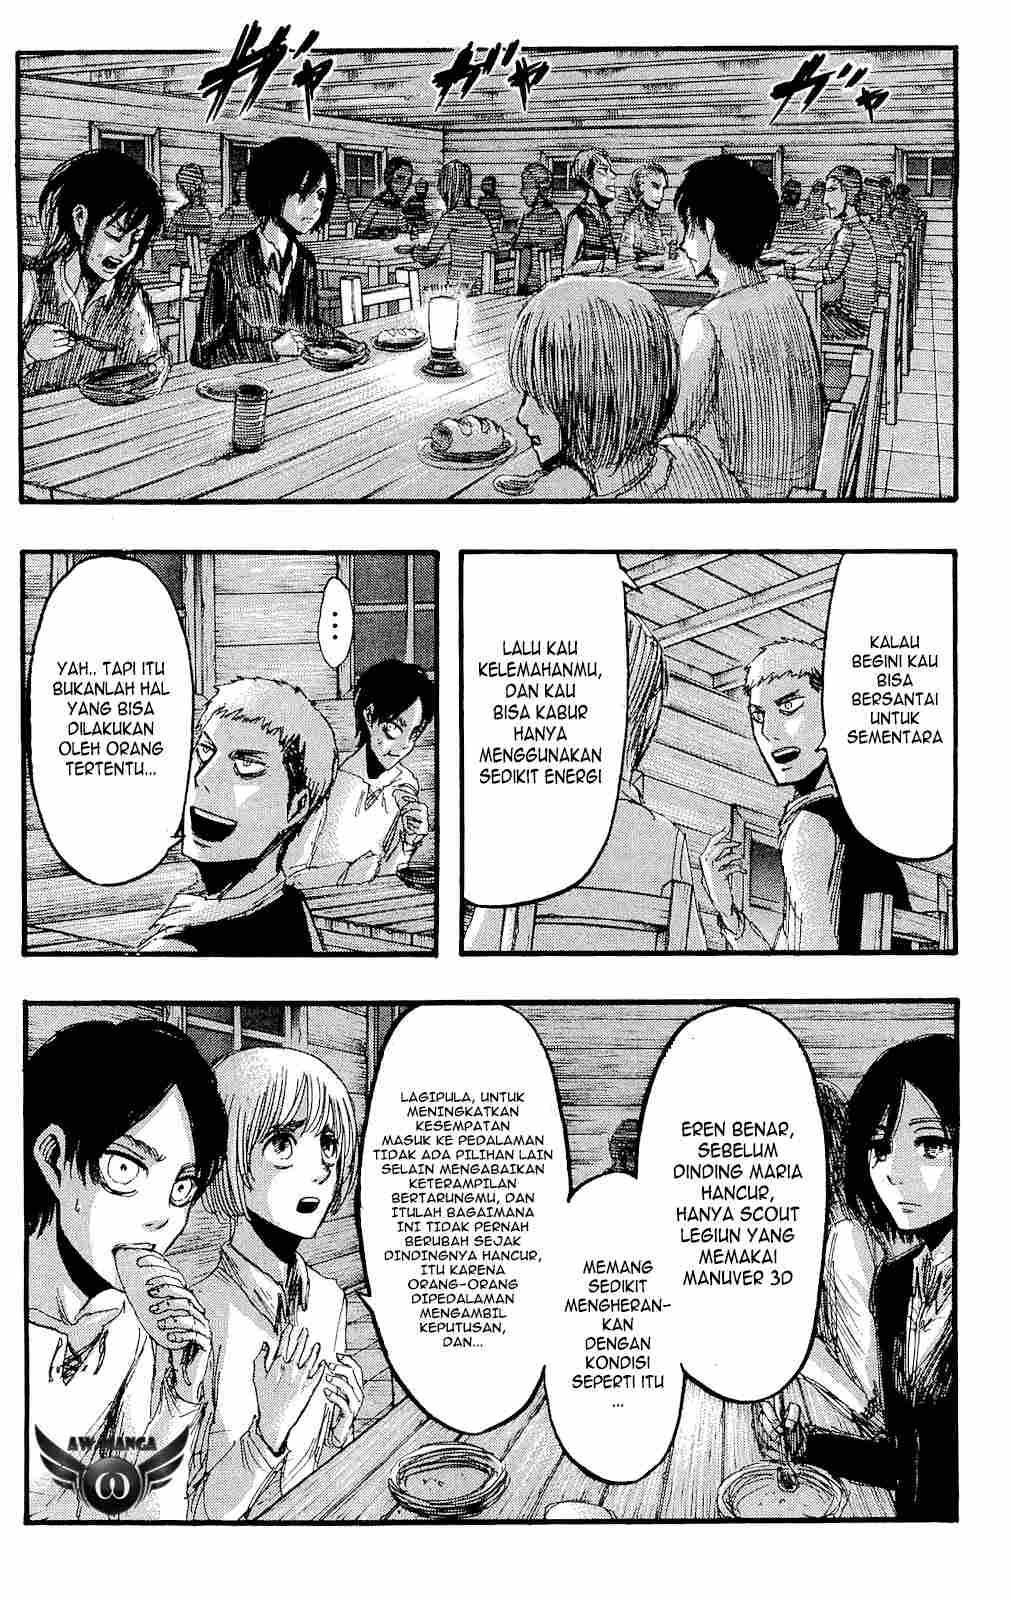 Komik shingeki no kyojin 017 - ilusi dari kekuatan 18 Indonesia shingeki no kyojin 017 - ilusi dari kekuatan Terbaru 22|Baca Manga Komik Indonesia|